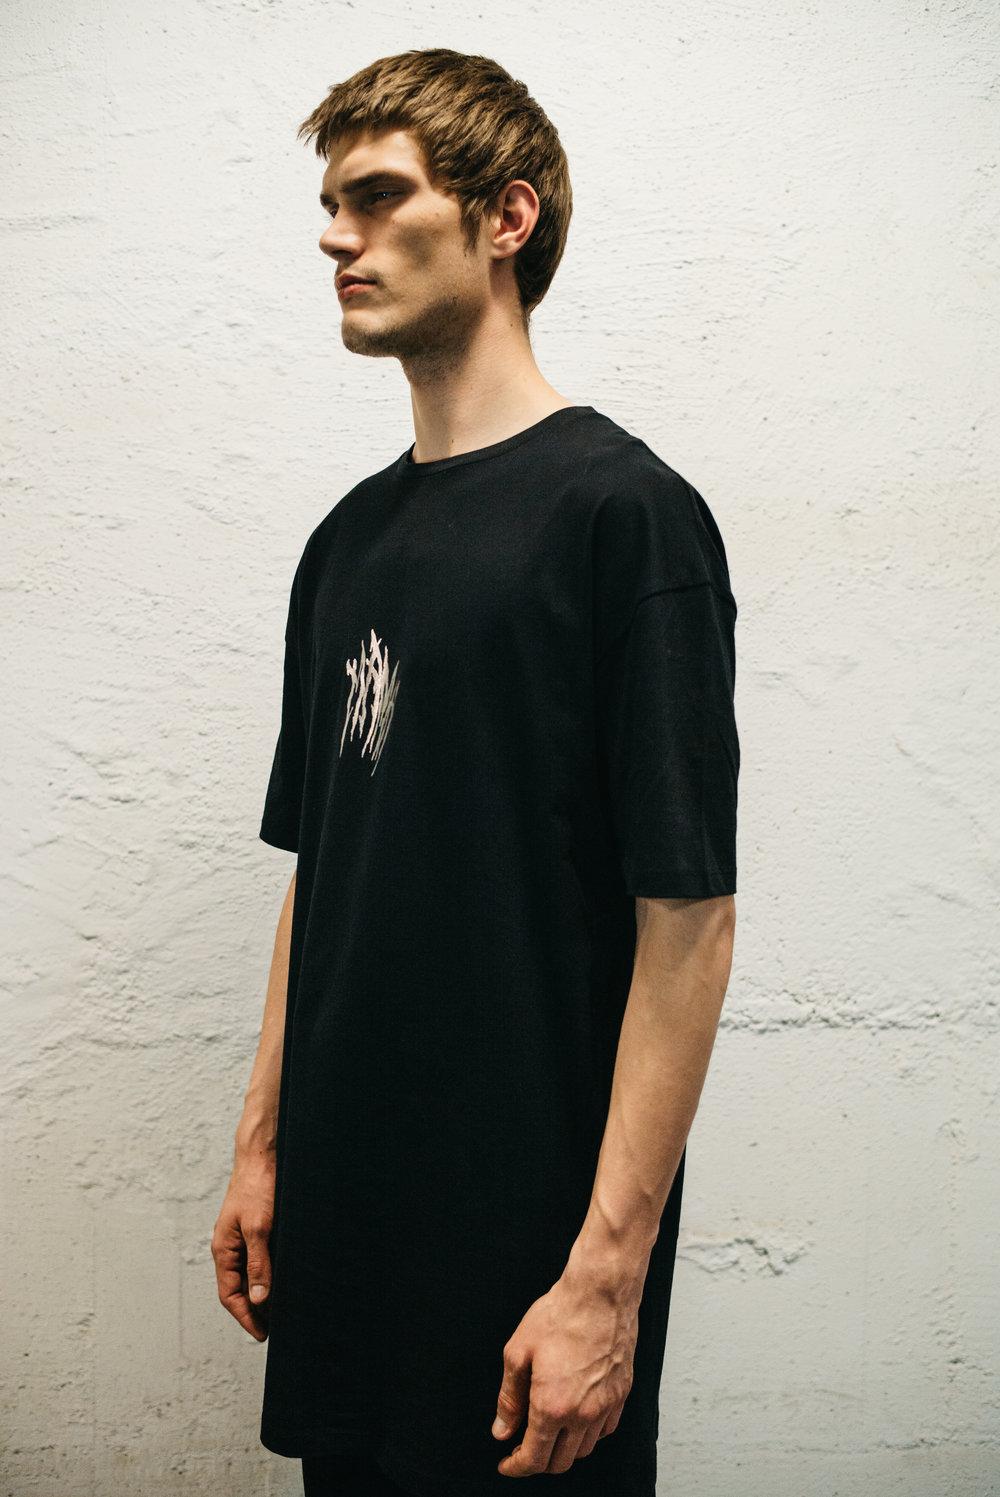 FOILED BLACK - BACK 1.JPG